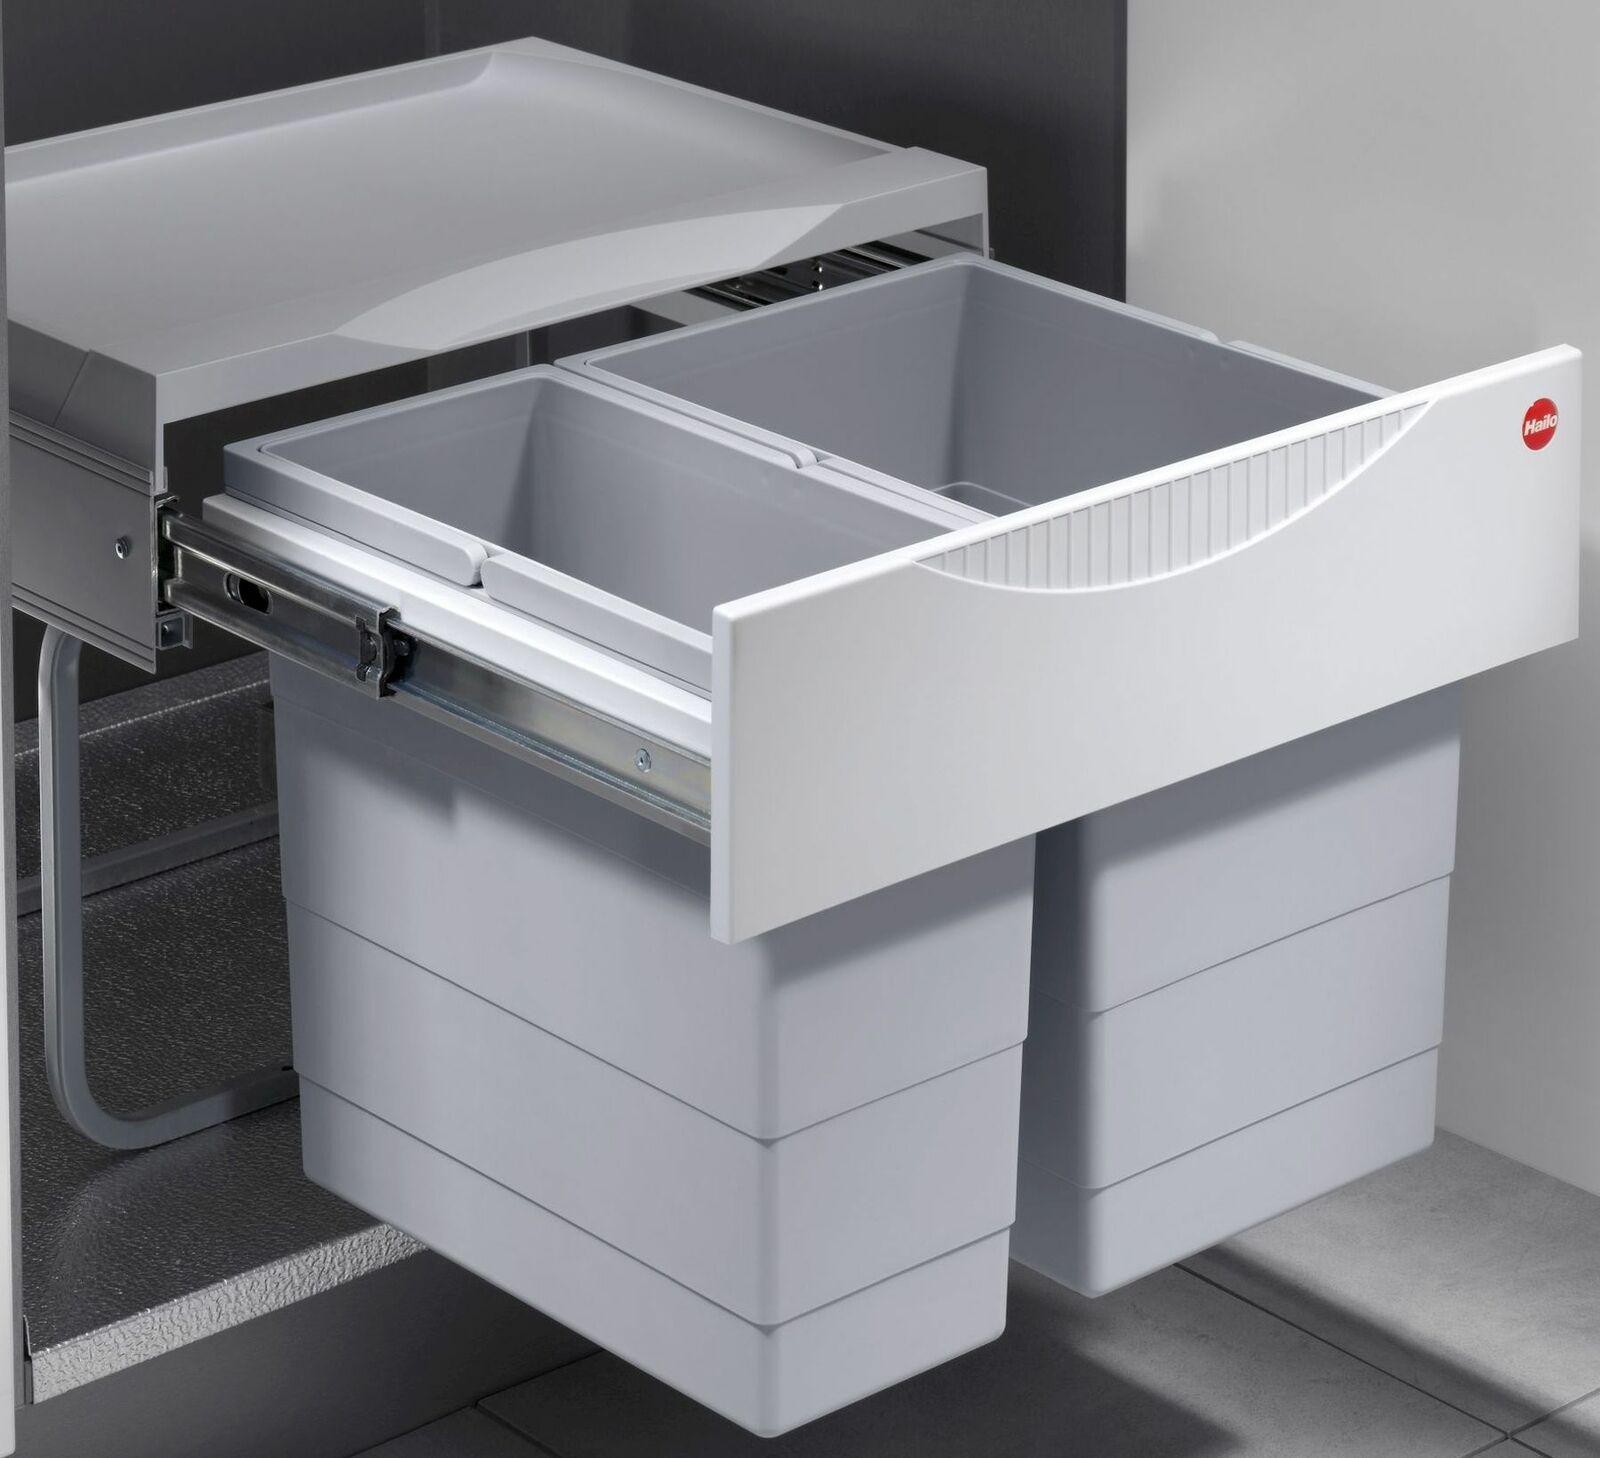 Top Mülleimer Einbau Küche | Schön Mülleimer Ideen Küche Bilder 27 LH51